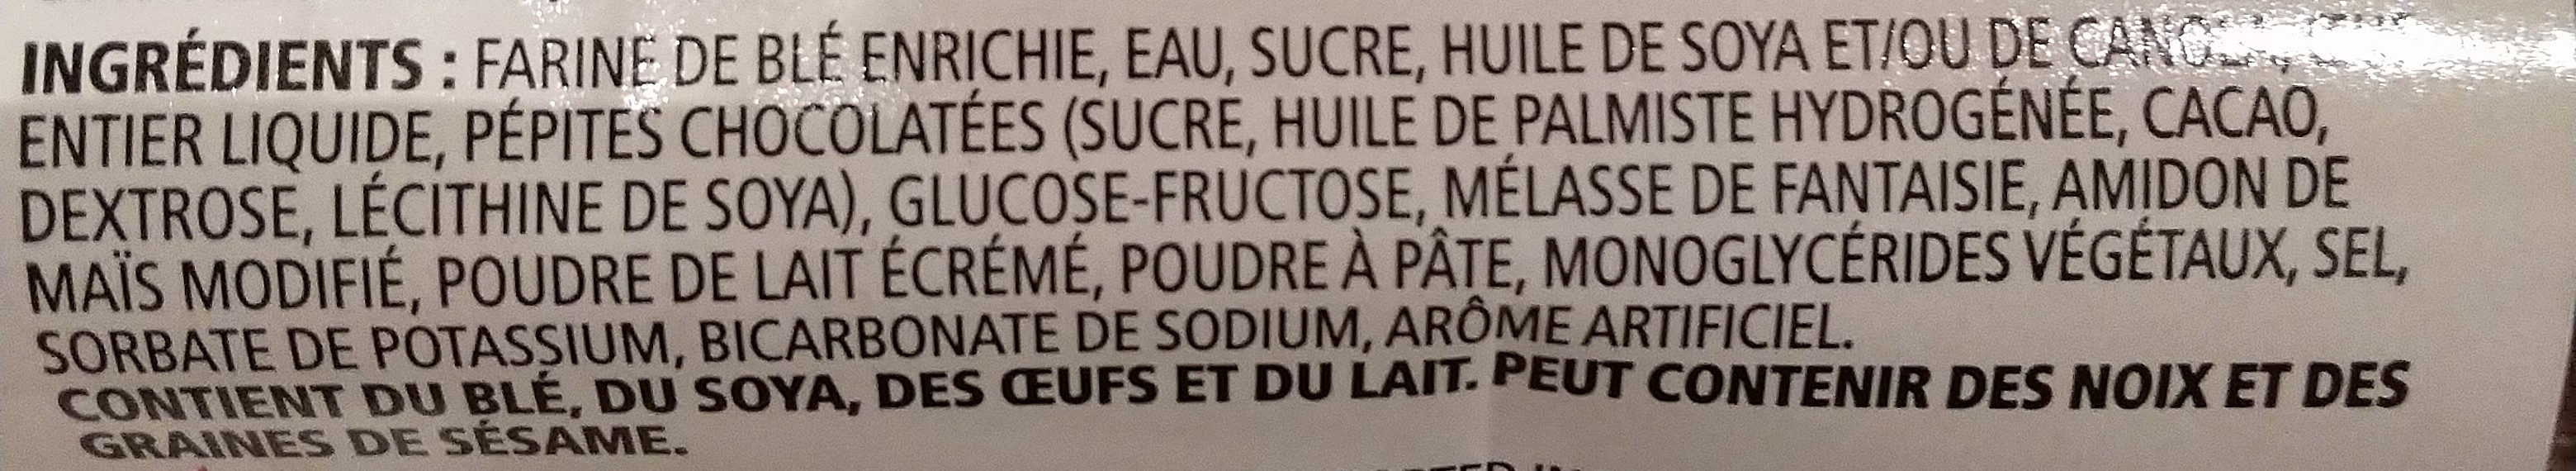 Muffins pépites chocolatées - Ingrédients - fr